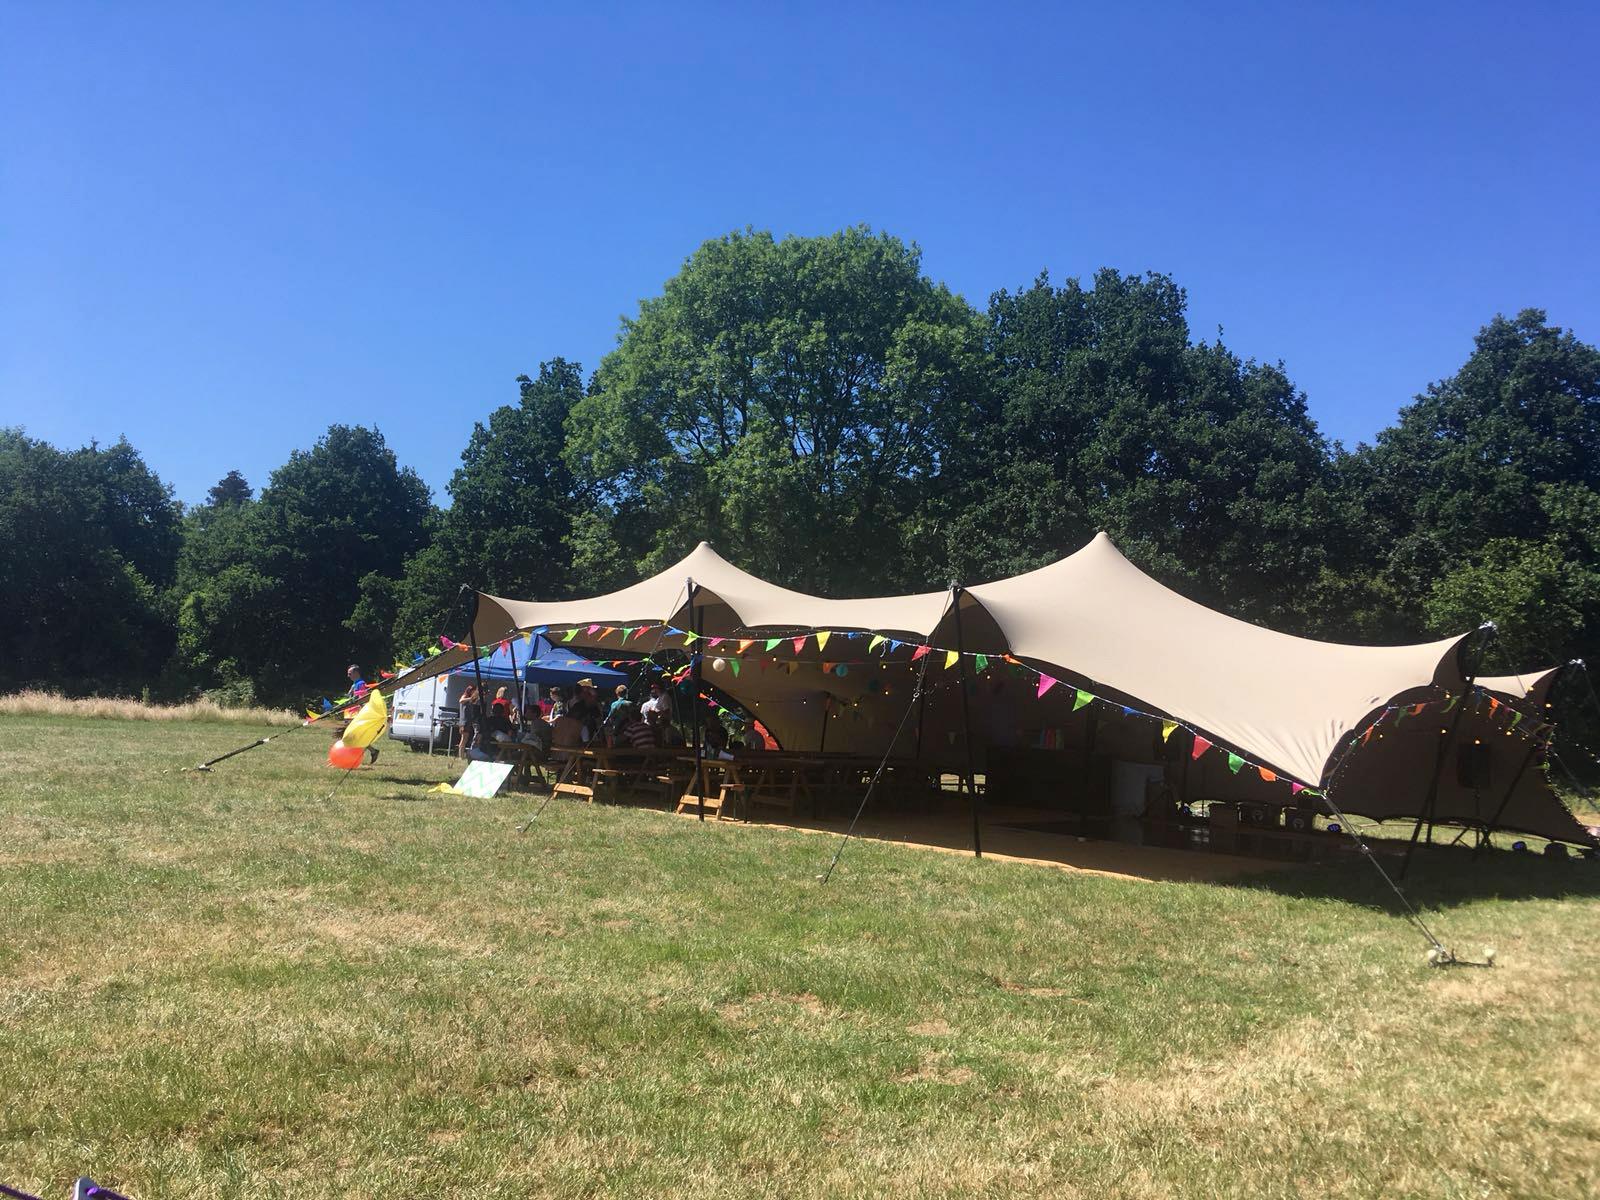 Fiesta-Fields-outdoor-work-summert-party-stretch-tent.JPG